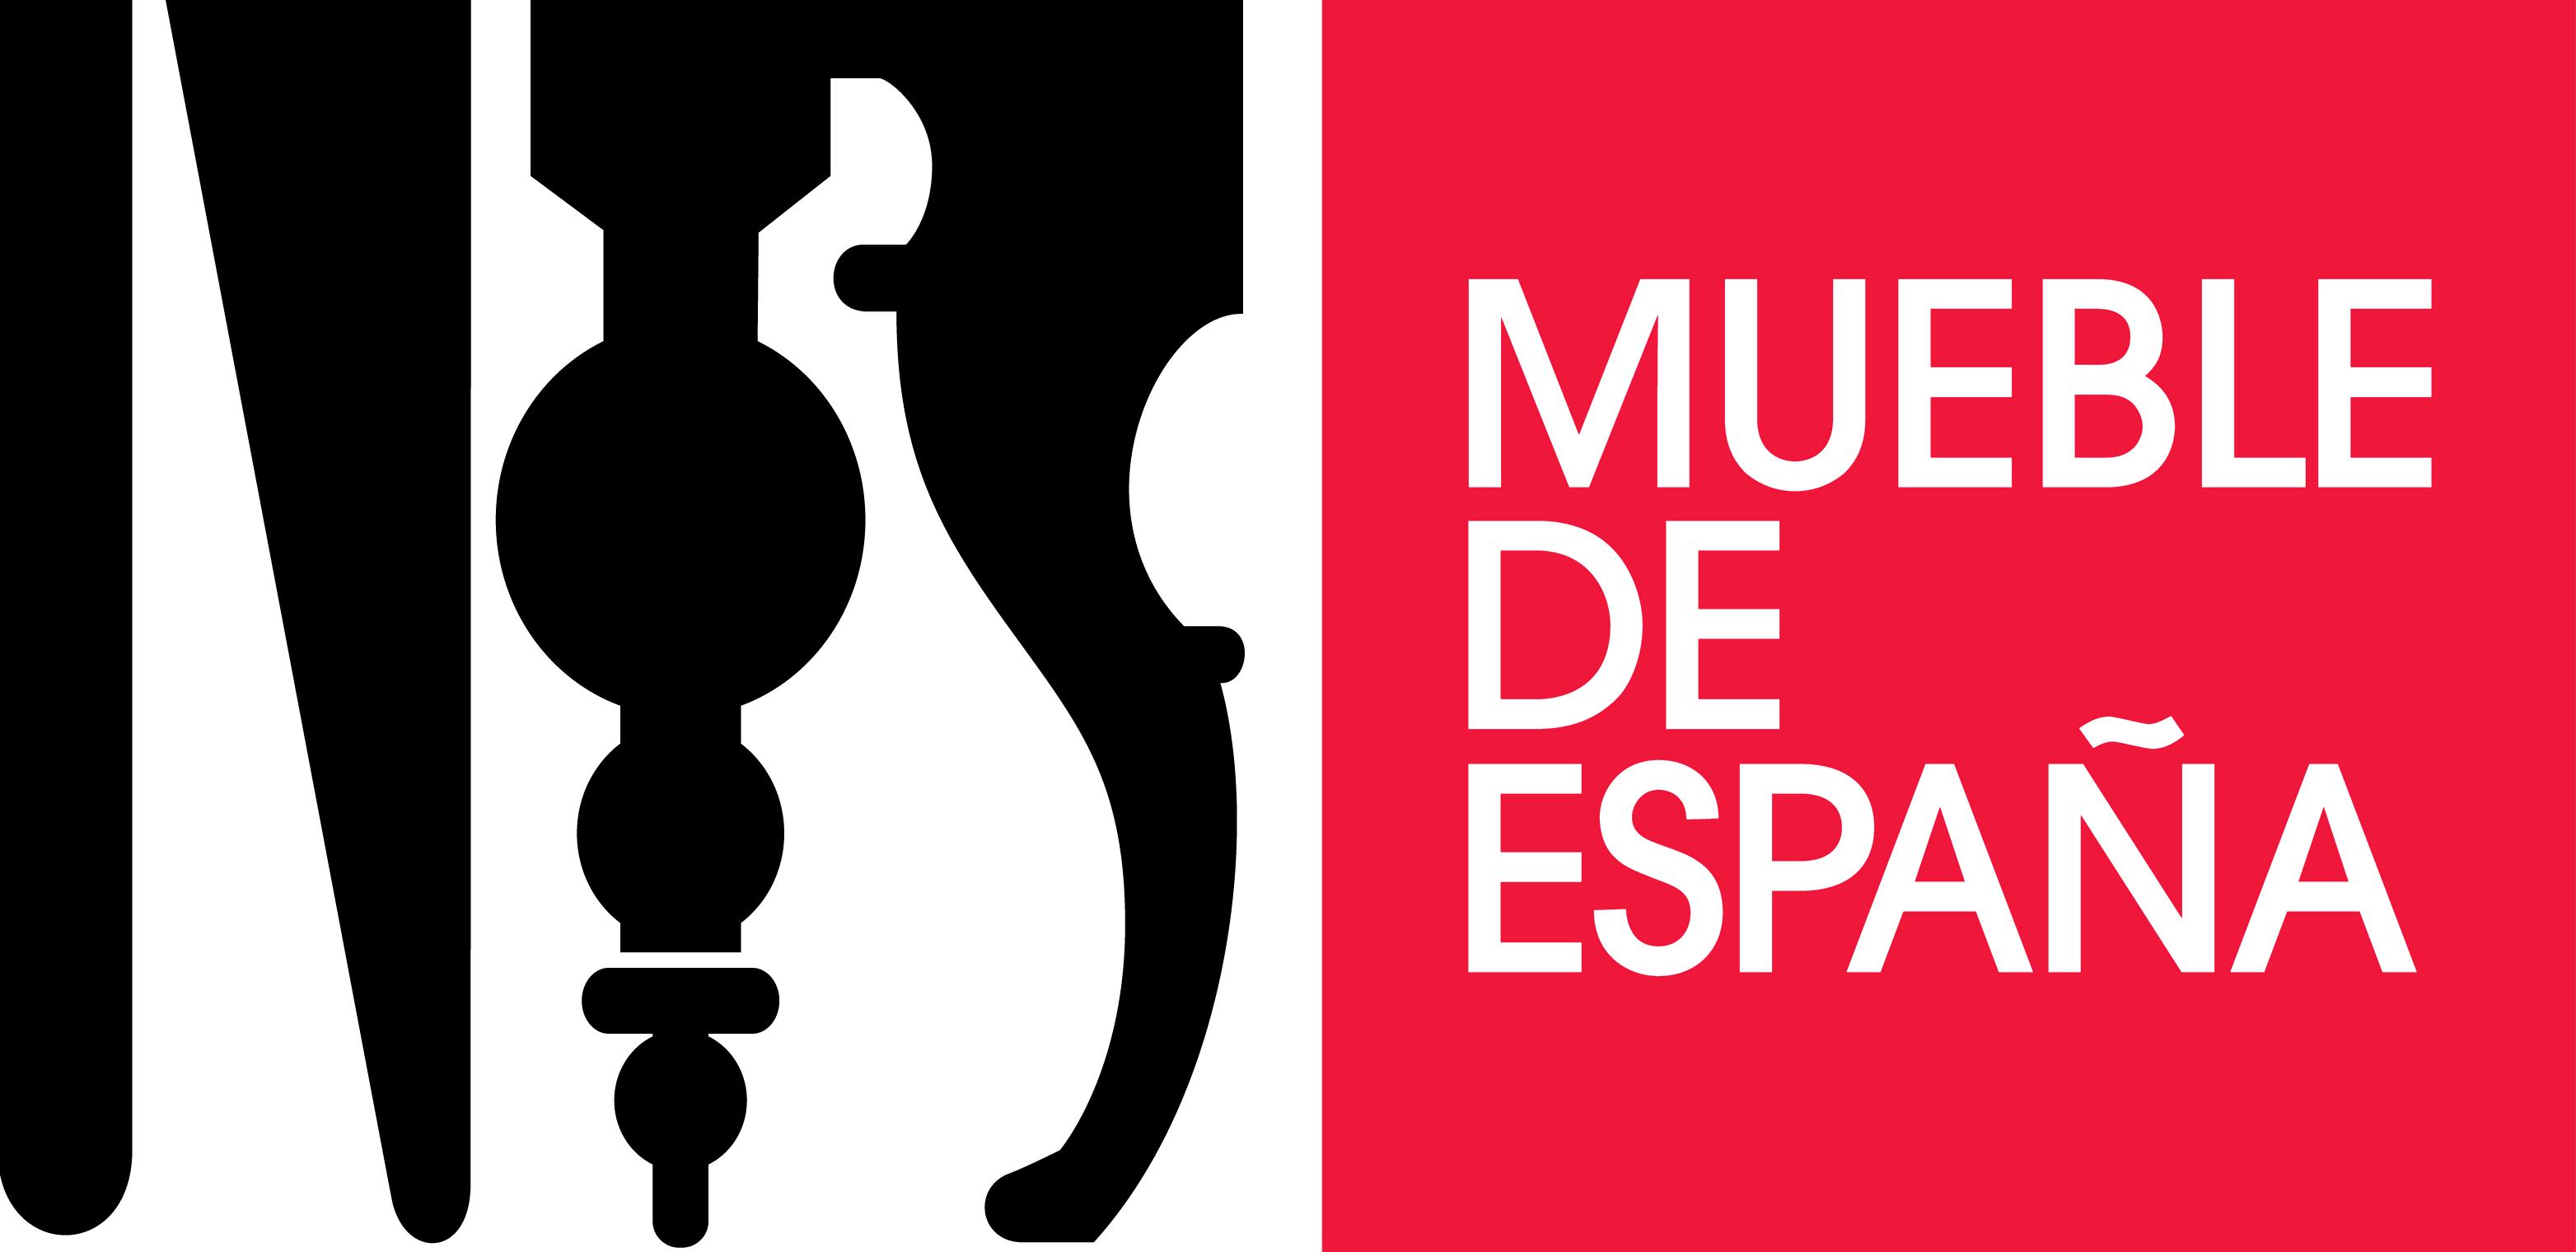 LOGO MUEBLE DE ESPAÑA